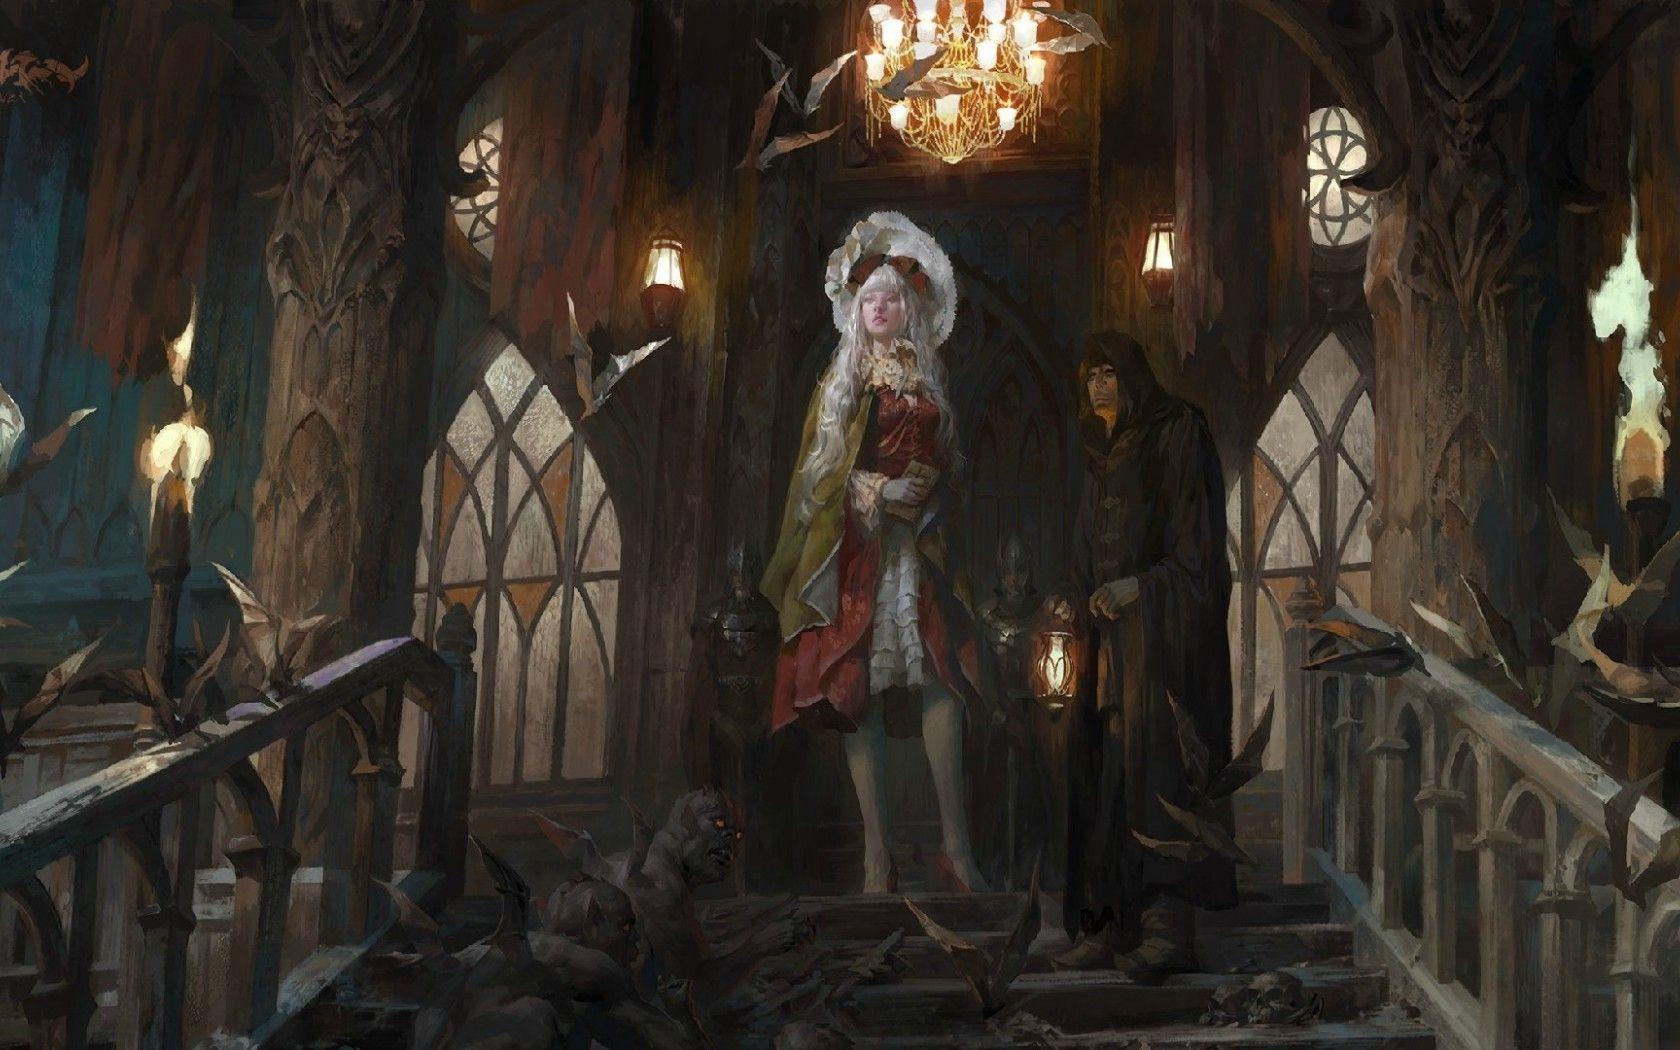 которые замок и ведьма картинки арт это конце концов